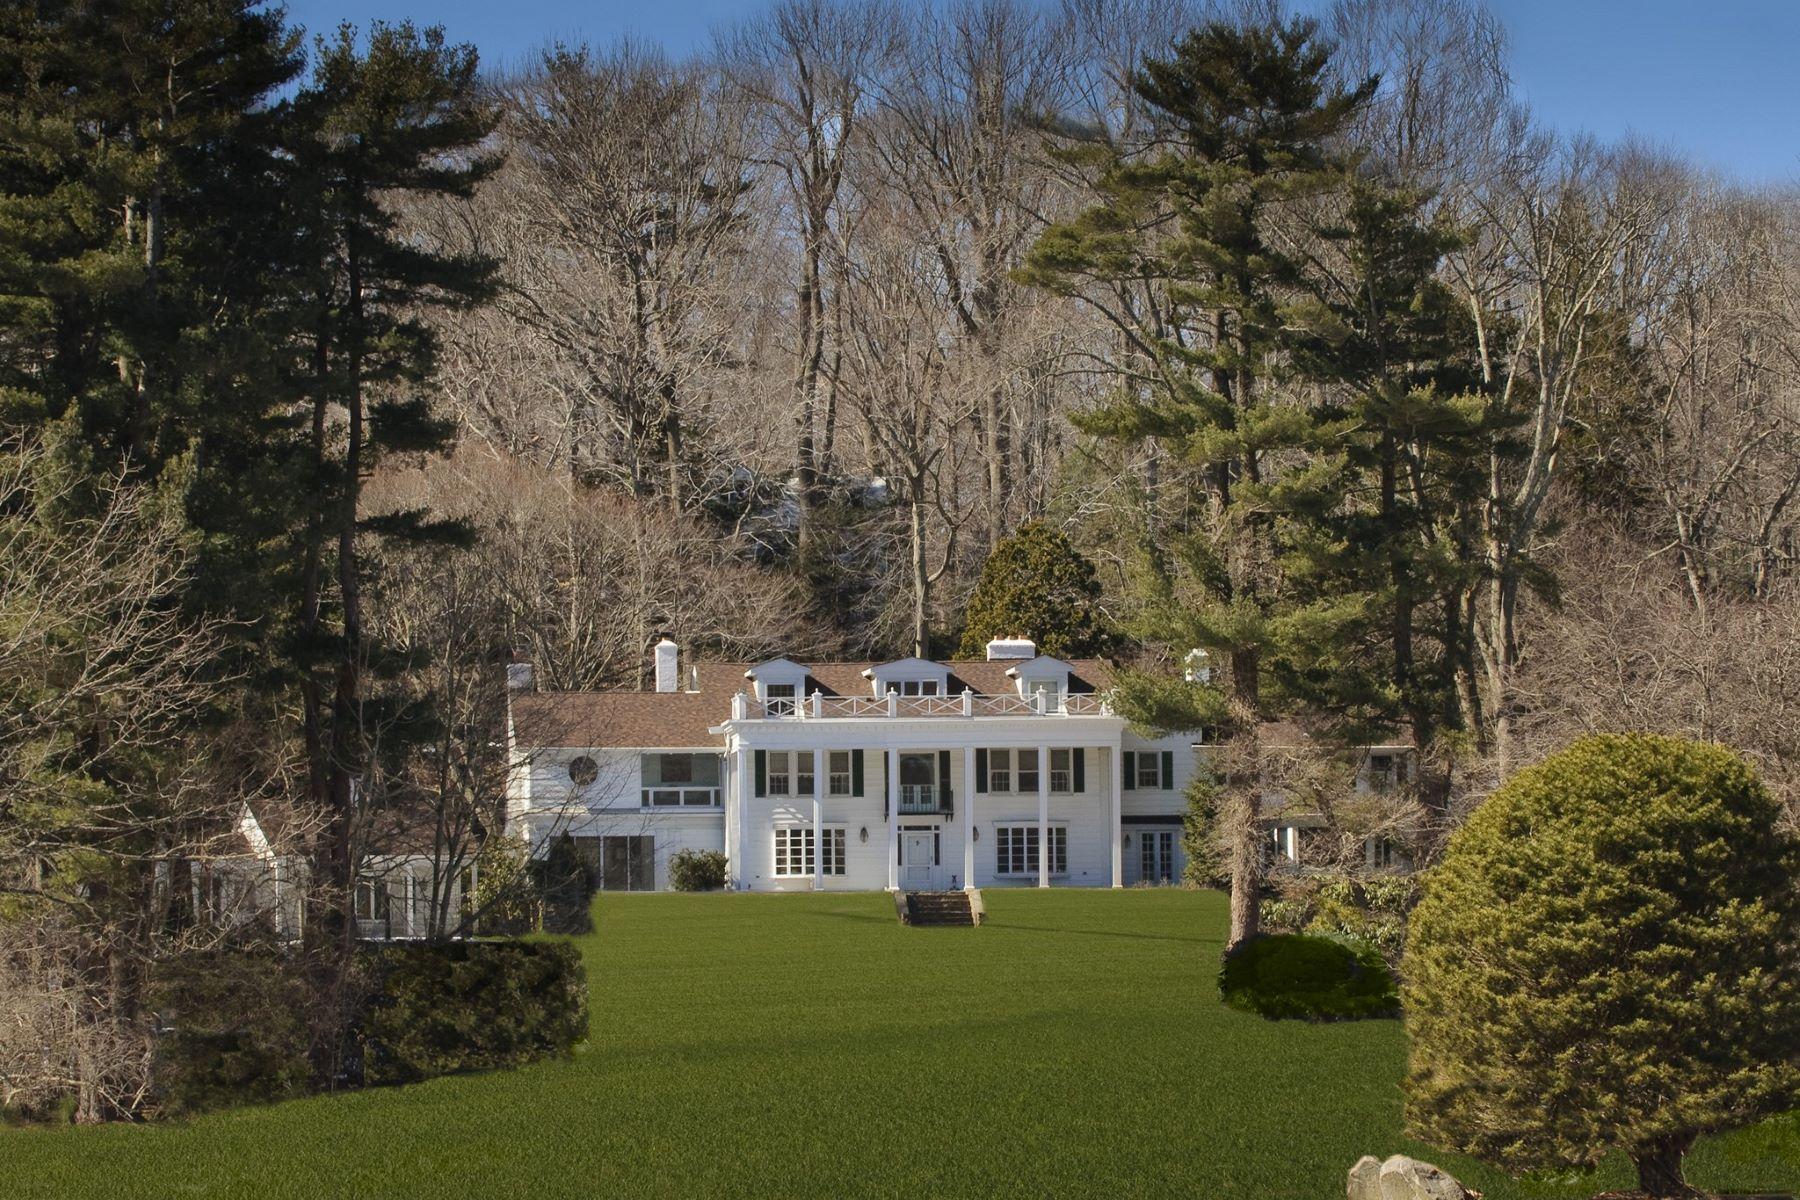 Casa Unifamiliar por un Venta en 450 Oyster Bay Rd , Matinecock, NY 11560 450 Oyster Bay Rd, Matinecock, Nueva York, 11560 Estados Unidos